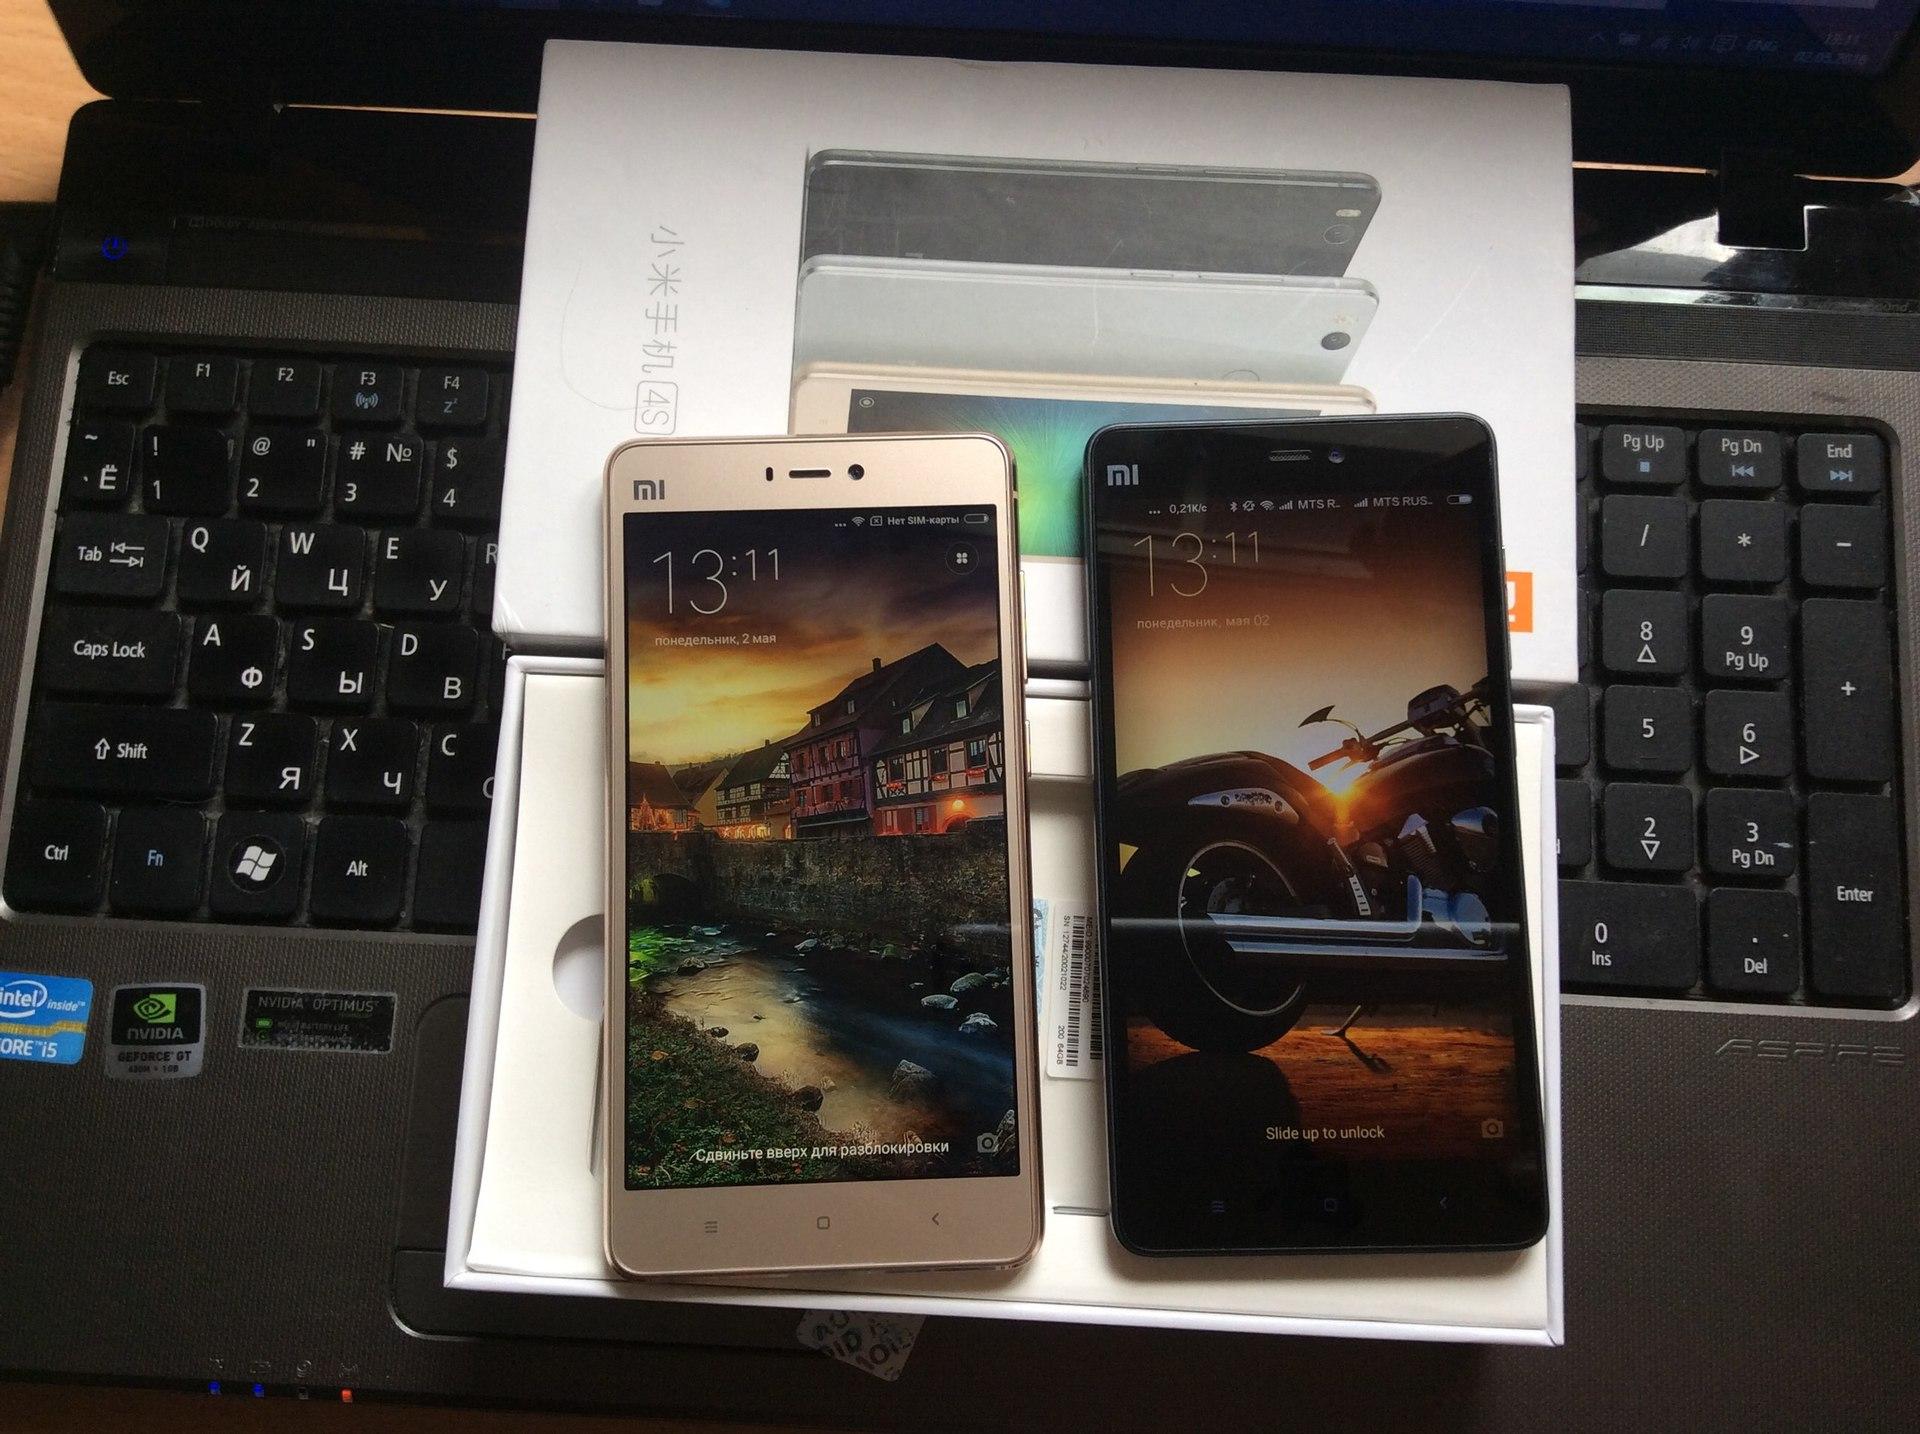 Тест-драйв нового смартфона Xiaomi или Как наэкономить на бесплатный Xiaomi Mi4S? - 3